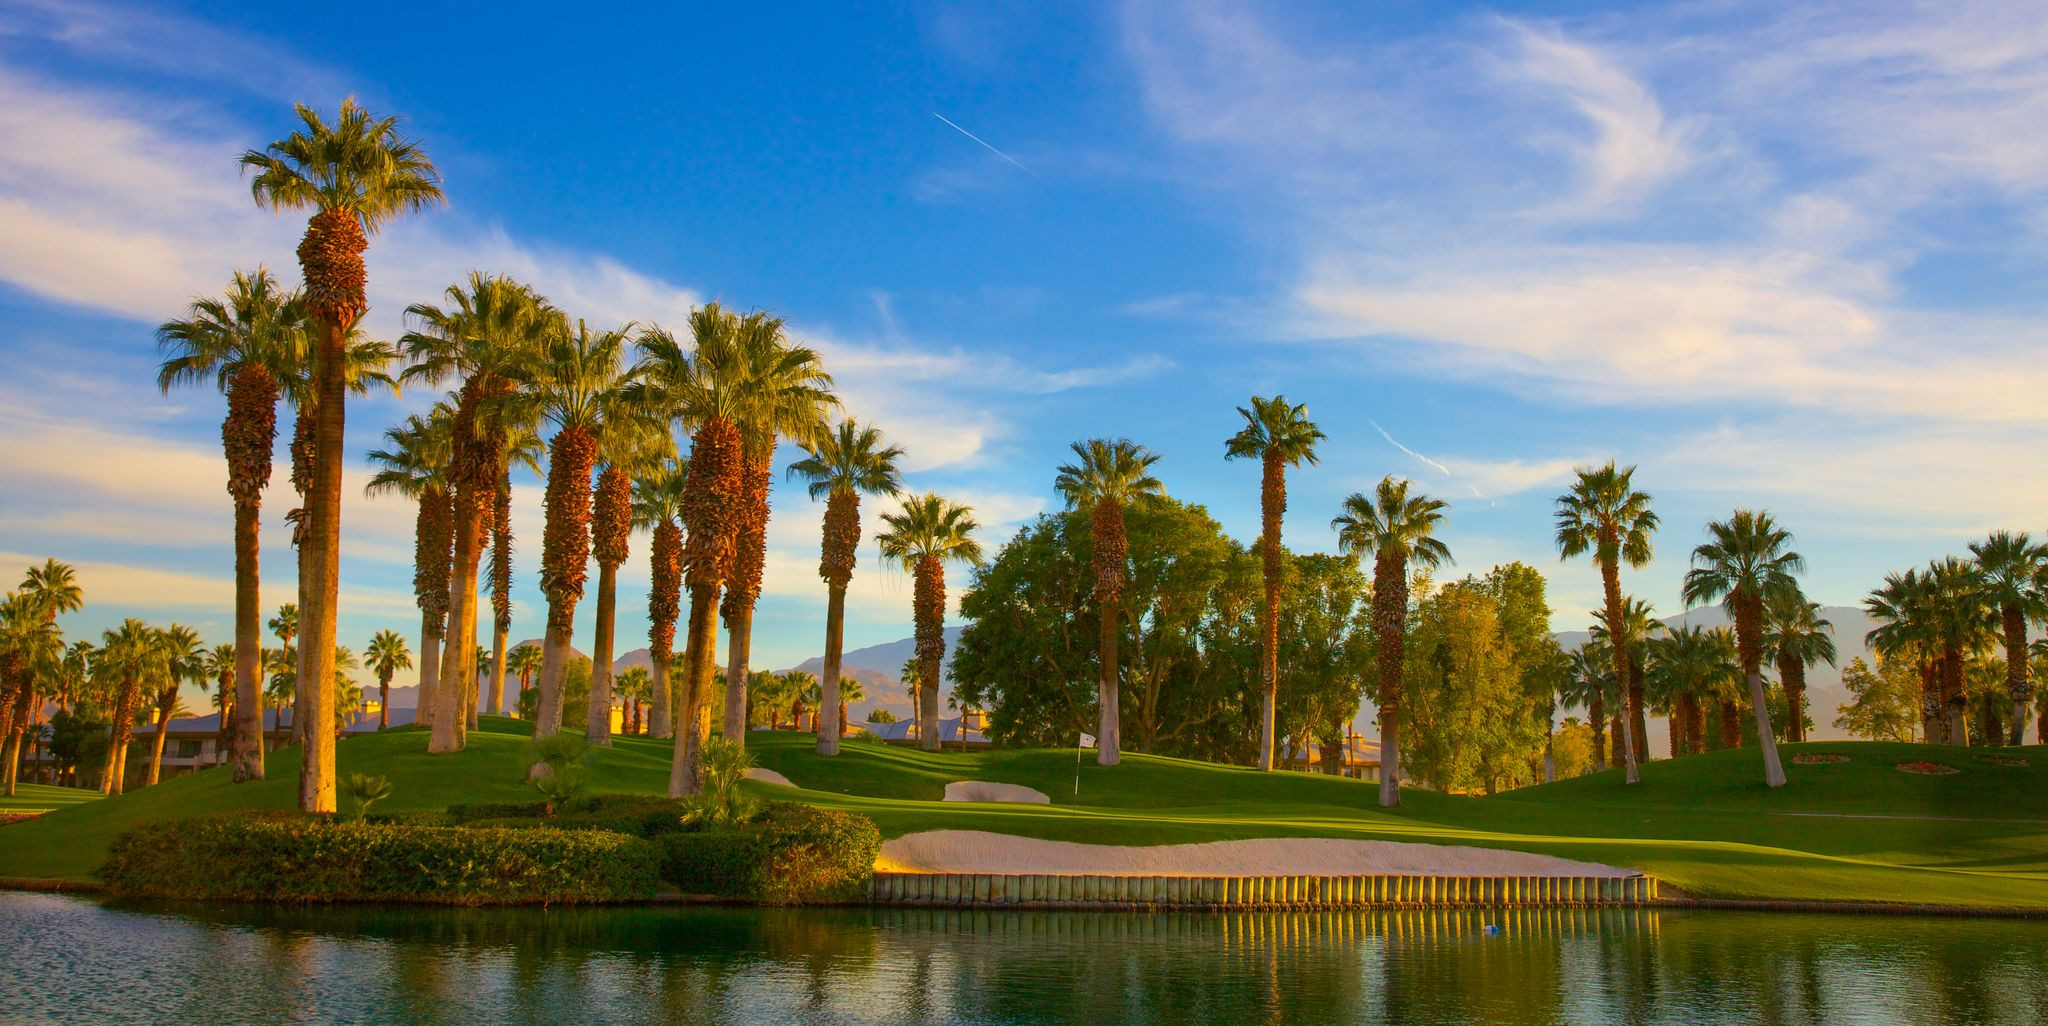 Hotels Palm Dessert Ca  JW Marriott Desert Springs Resort & Spa in Palm Desert